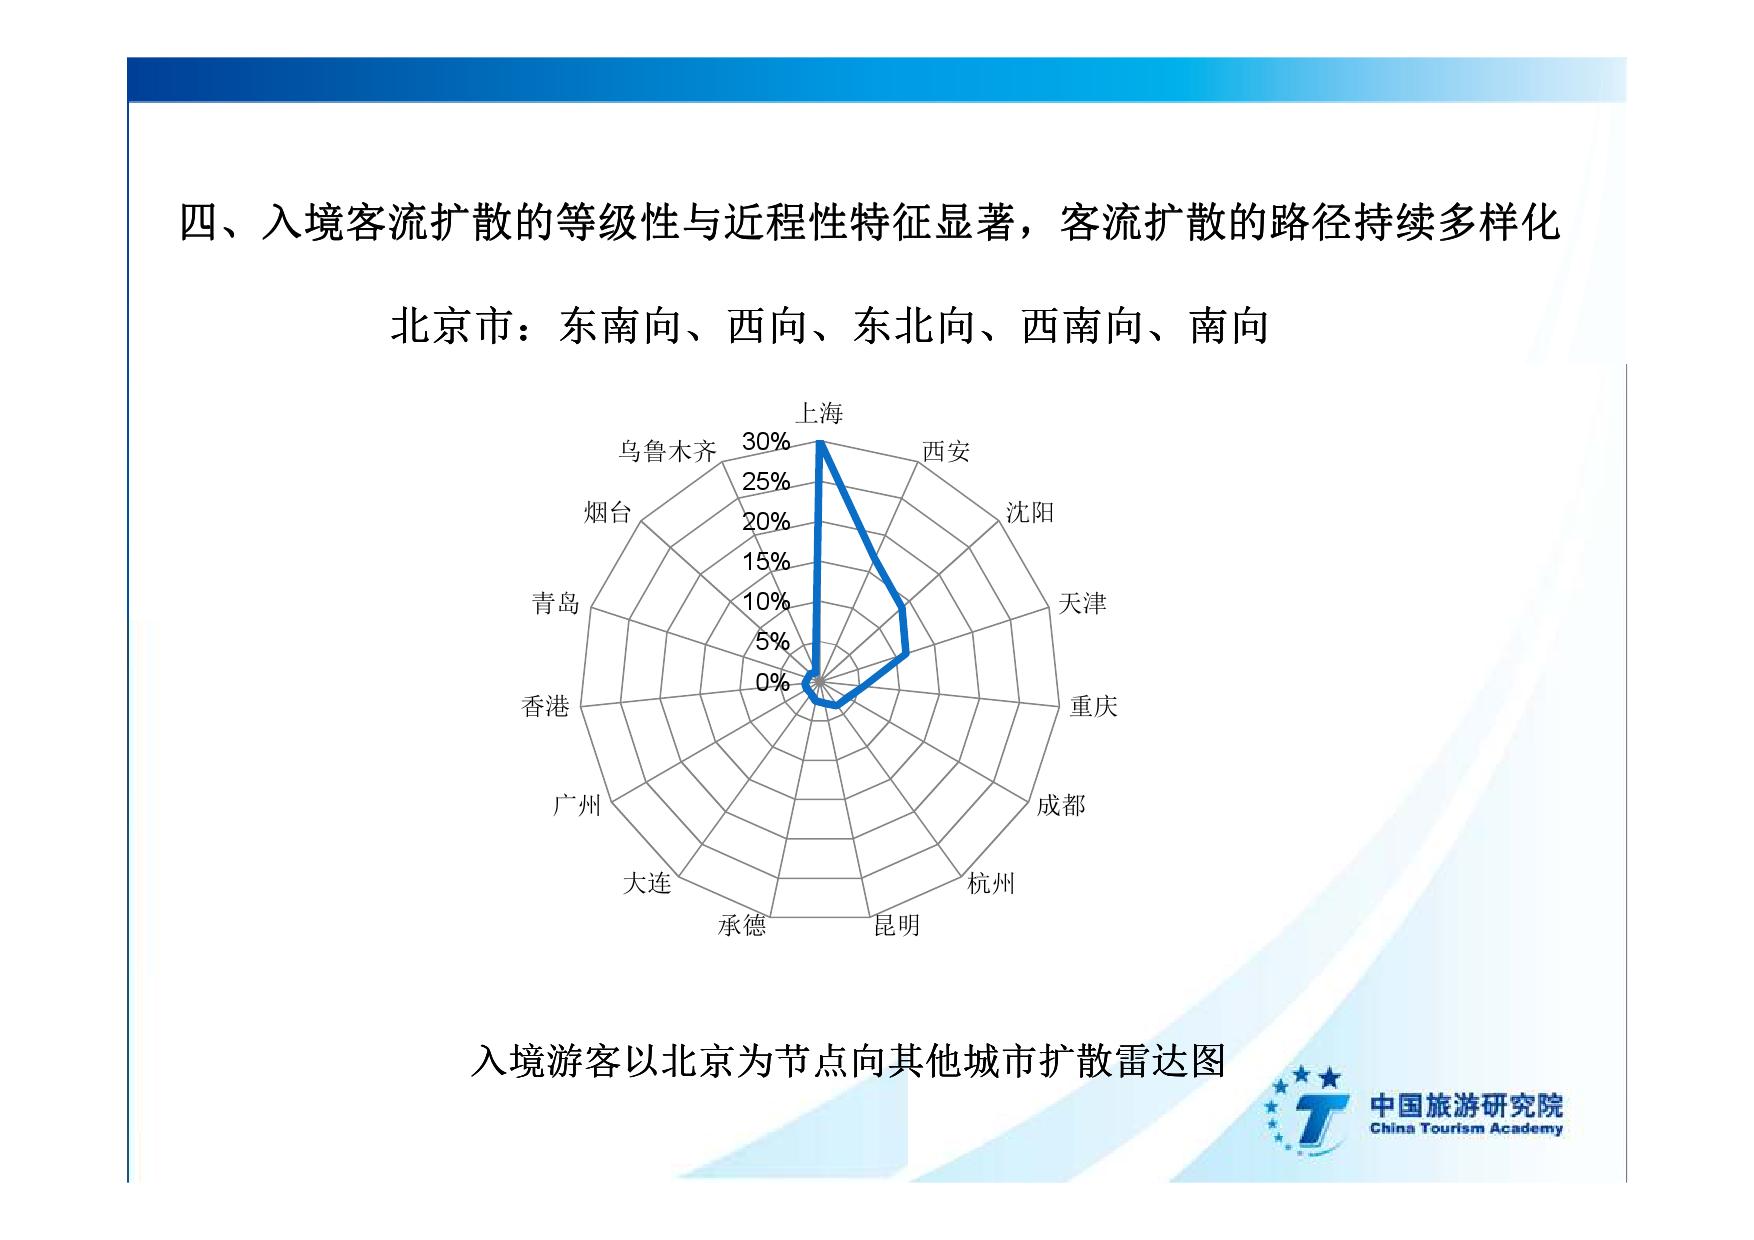 2016中国入境旅游发展年度报告_000026